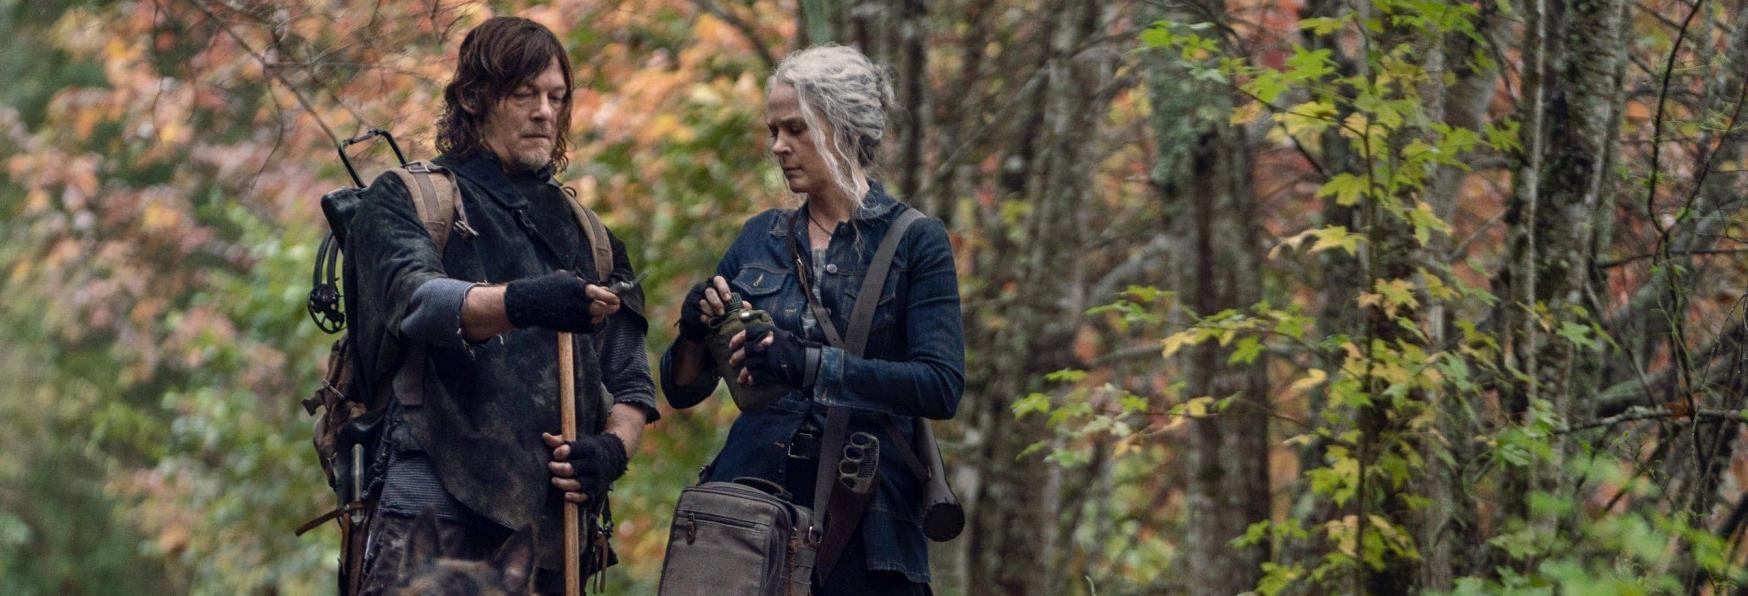 The Walking Dead 11: AMC Rilascia il Trailer dell'ultima Stagione